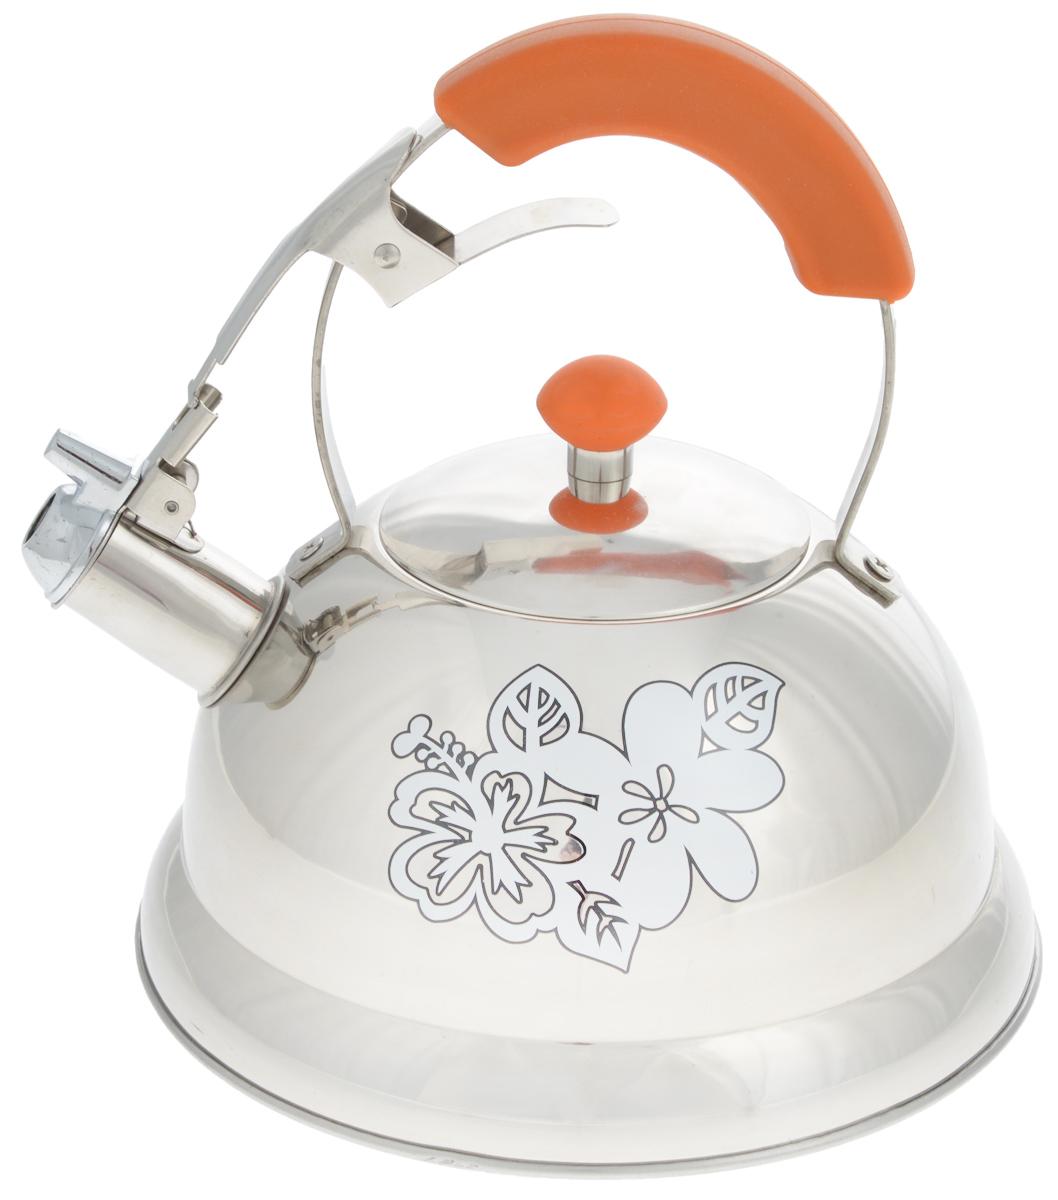 Чайник Mayer & Boch, со свистком, 2,6 л22792Чайник Mayer & Boch выполнен из высококачественной нержавеющей стали. Носик чайника оснащен насадкой-свистком, что позволит вам контролировать процесс подогрева или кипячения воды. Металлическая ручка с бакелитовой вставкой делает использование чайника очень удобным и безопасным.Внешние стенки чайника декорированы изображением цветов. Эстетичный и функциональный чайник будет оригинально смотреться в любом интерьере.Подходит для газовых, электрических, стеклокерамических и индукционных плит. Можно мыть в посудомоечной машине. Диаметр чайника (по верхнему краю): 10 см.Диаметр основания: 22 см. Высота чайника (без учета ручки): 11,5 см.Высота чайника (с учетом ручки): 24,5 см.